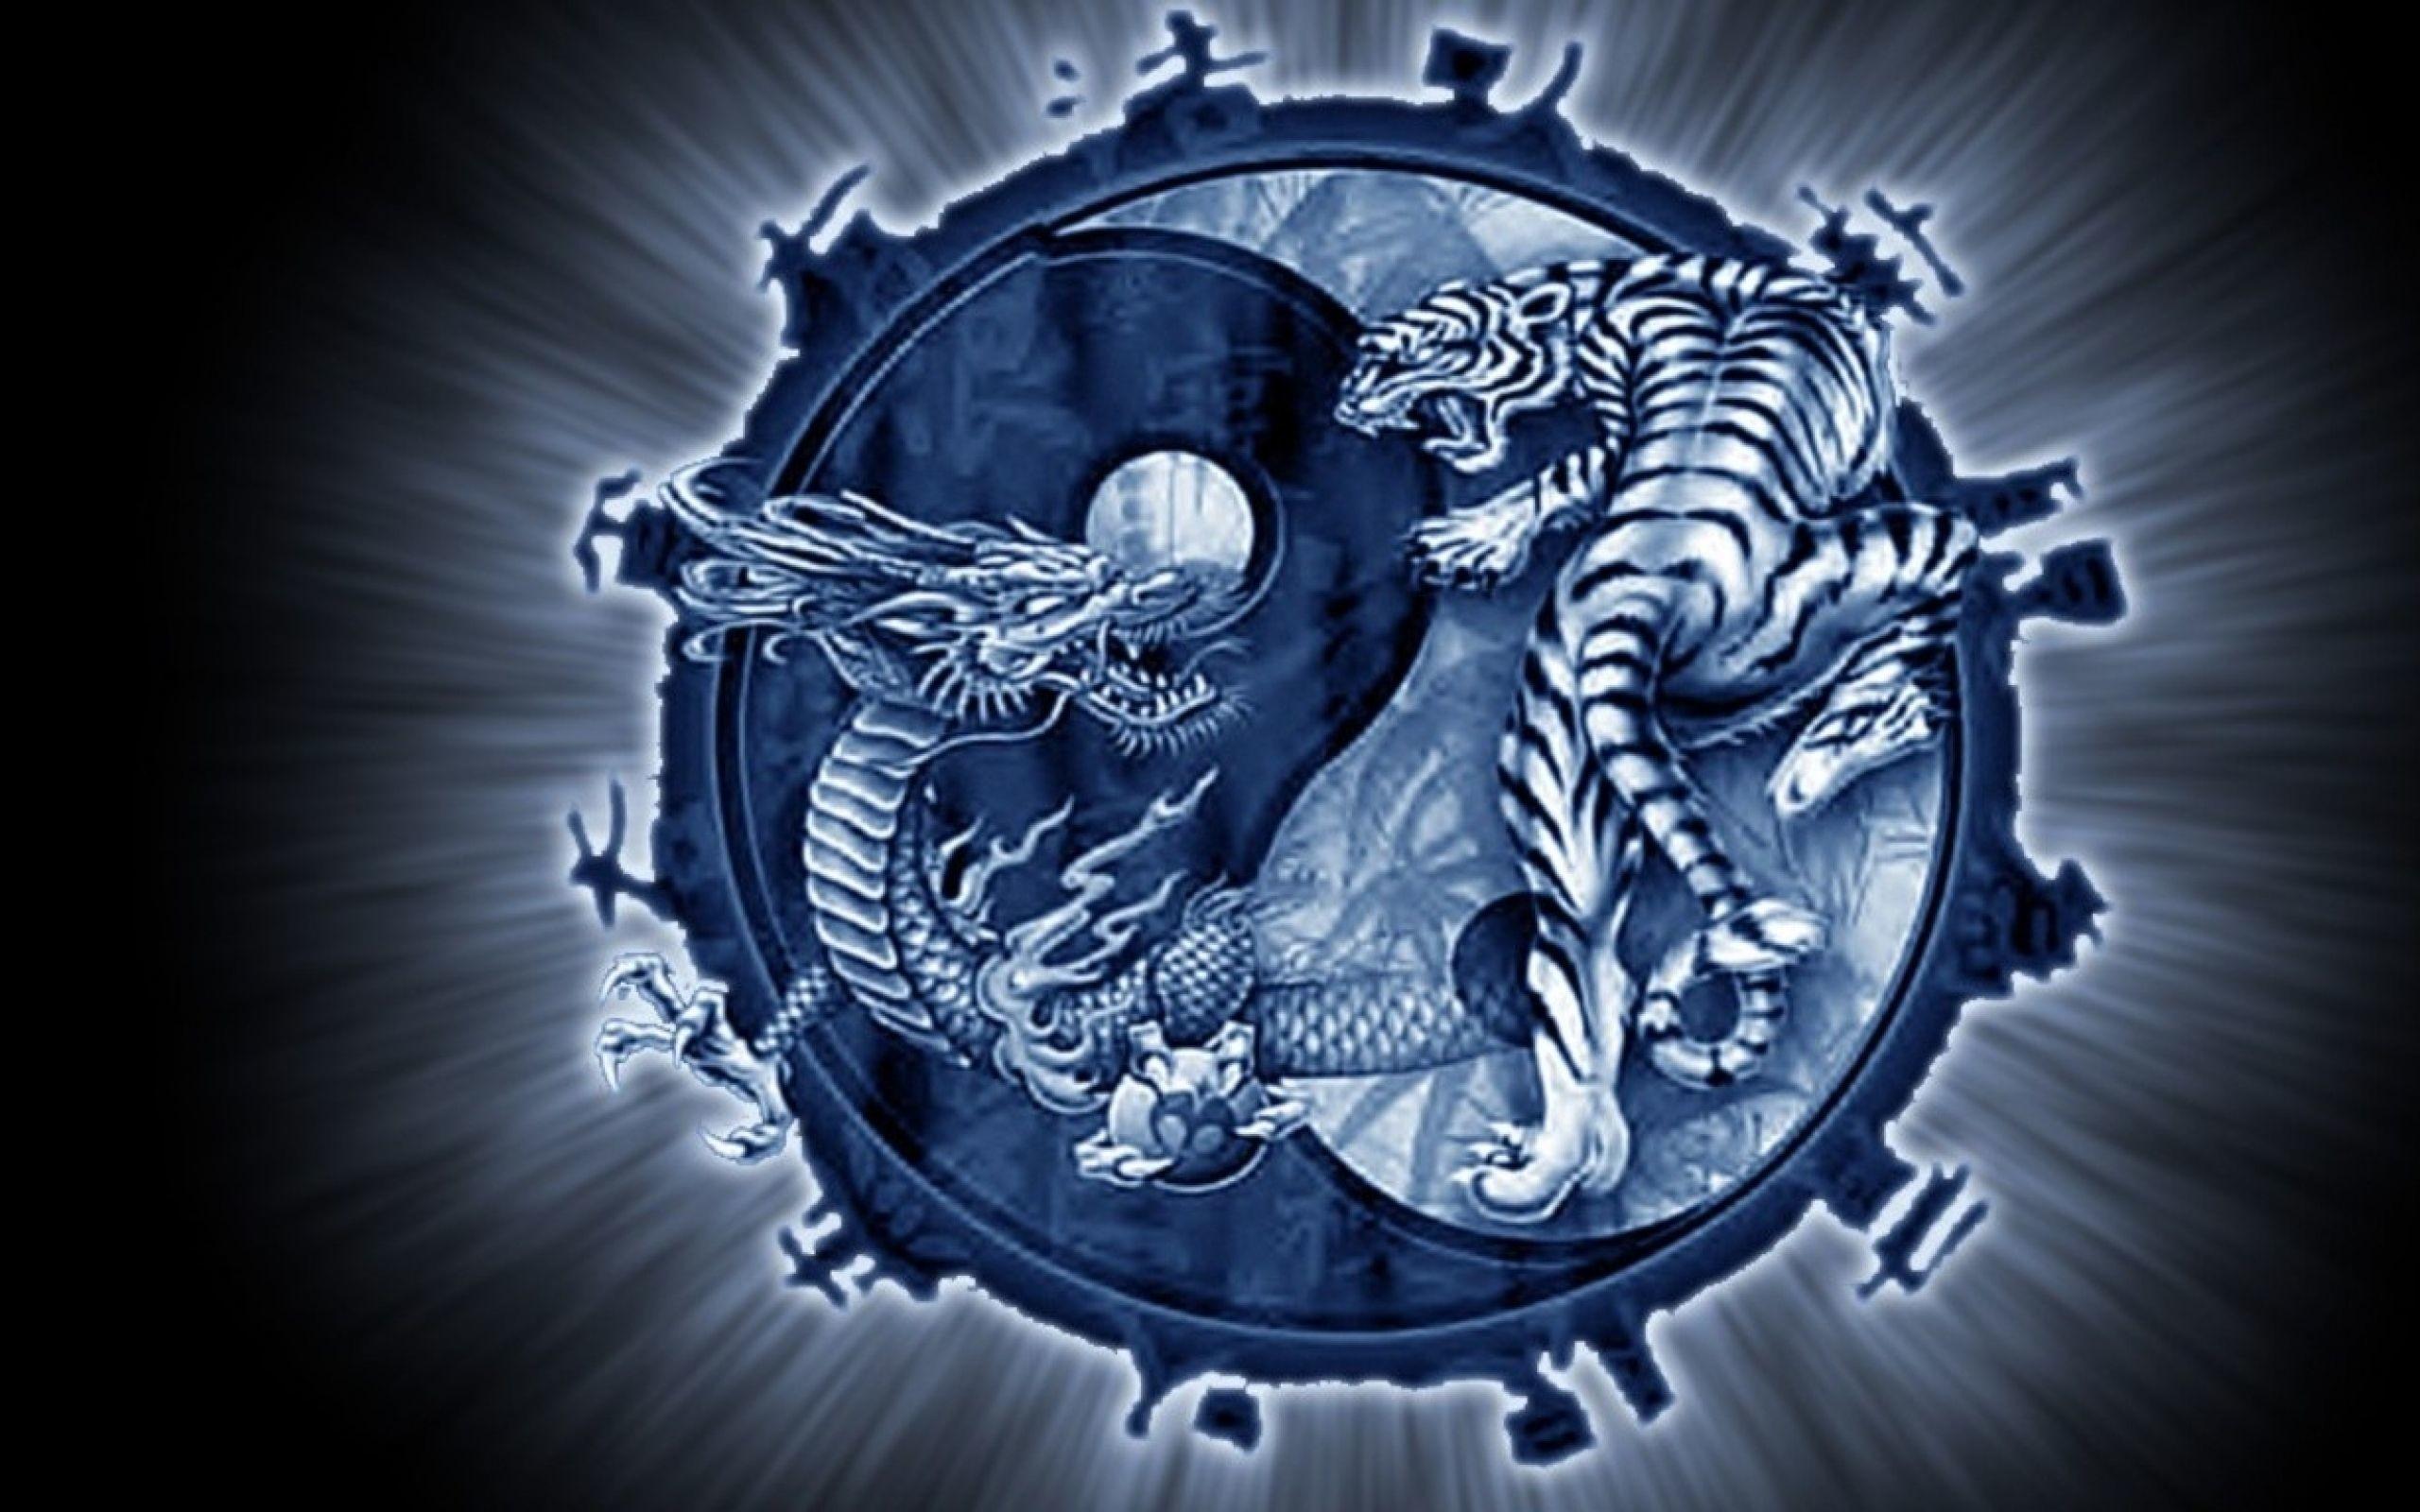 Res: 2560x1600, fantasy yin yang | Abstract Dreamy Fantasy Dragons Tigers Yin Yang Wallpaper  - HD .